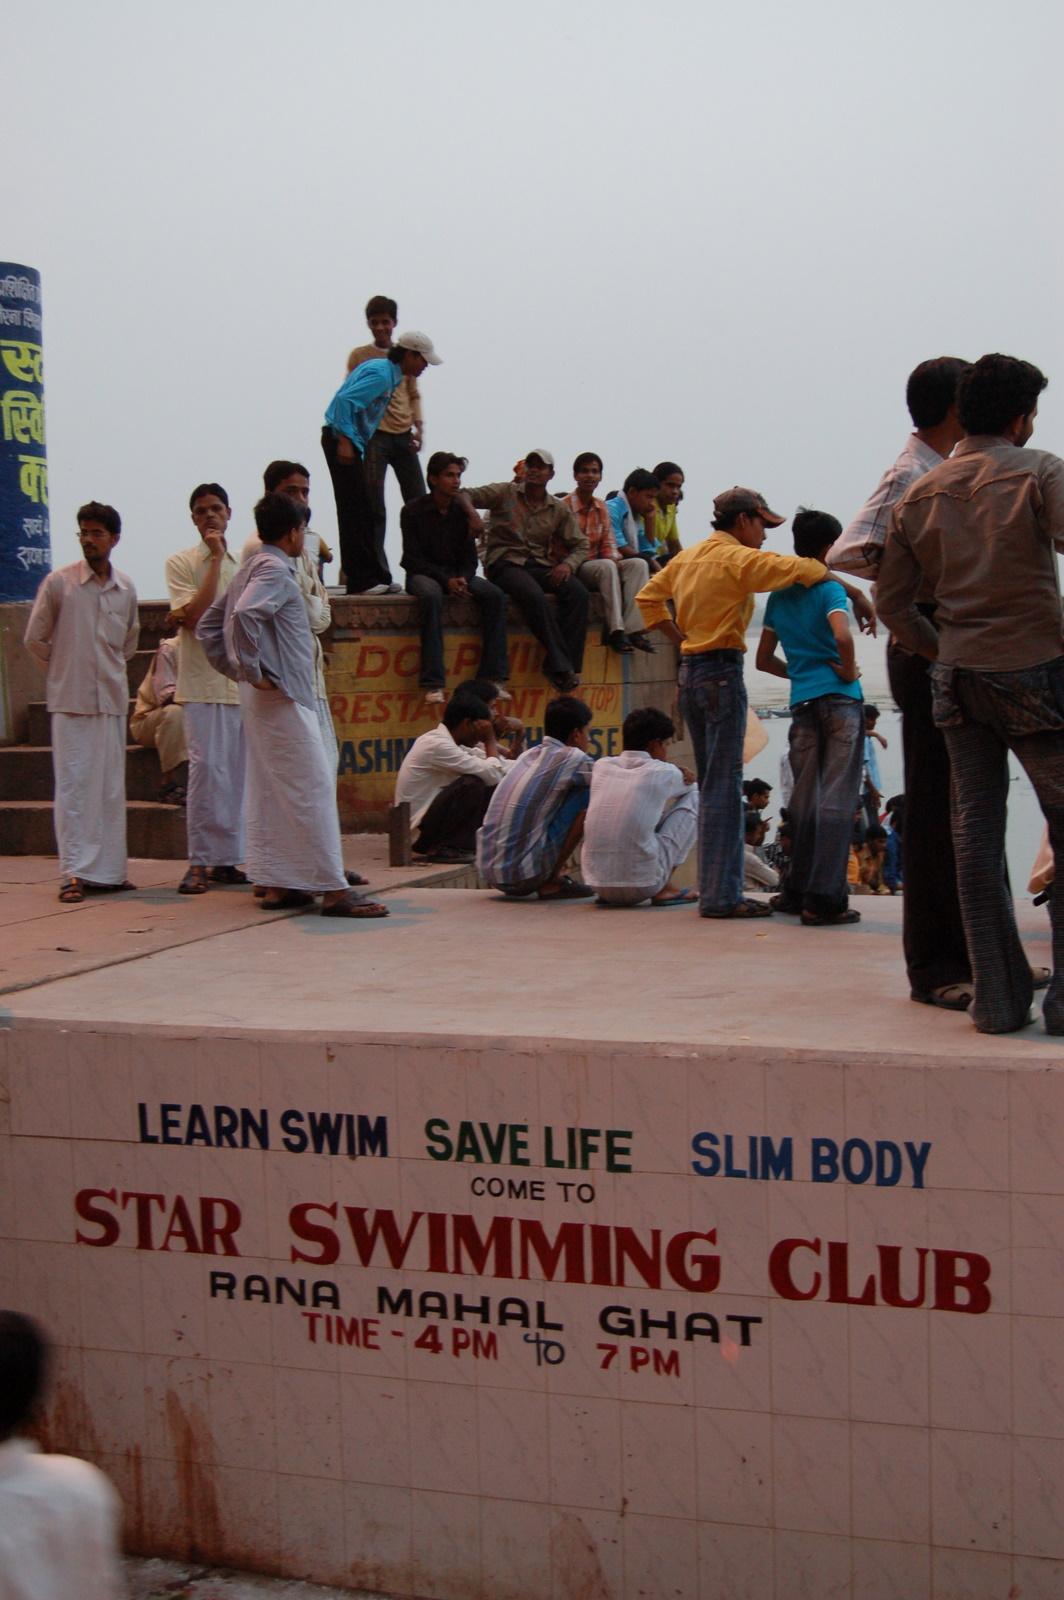 Star Swimming Club